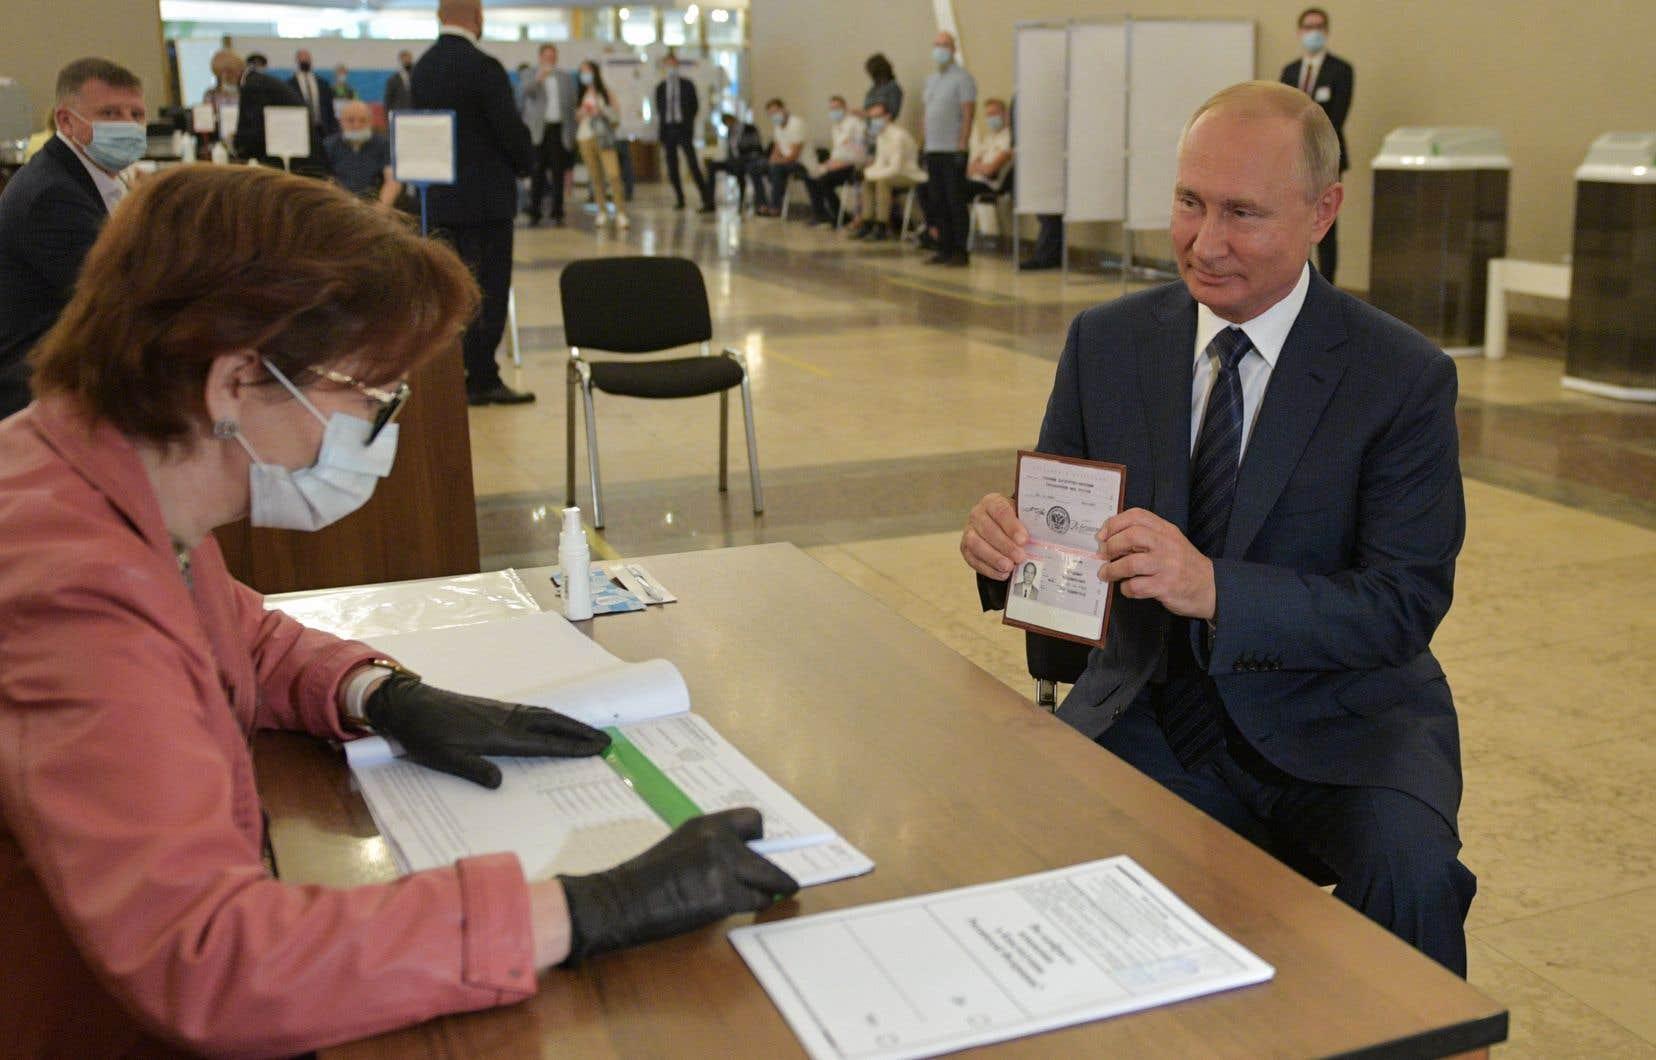 Le président Poutine a, lui, voté à Moscou mercredi sans moyens de protection, contrairement à l'assesseur à laquelle il faisait face.